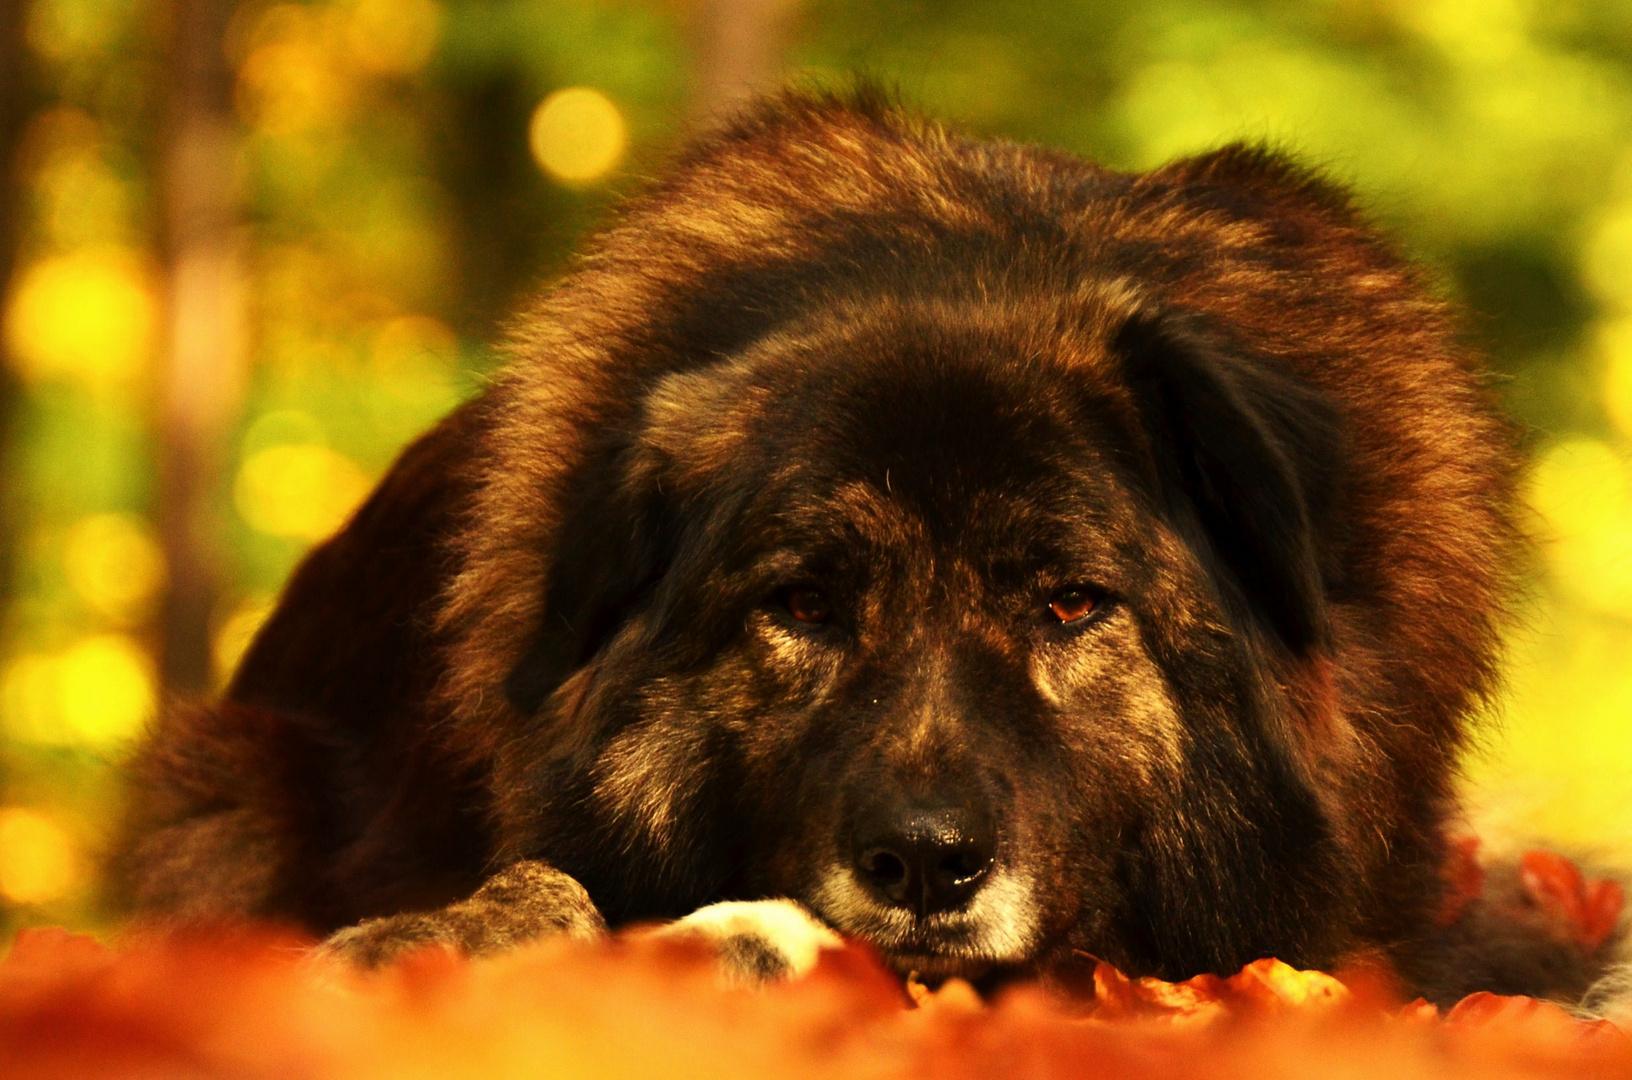 Dora im Herbstwald